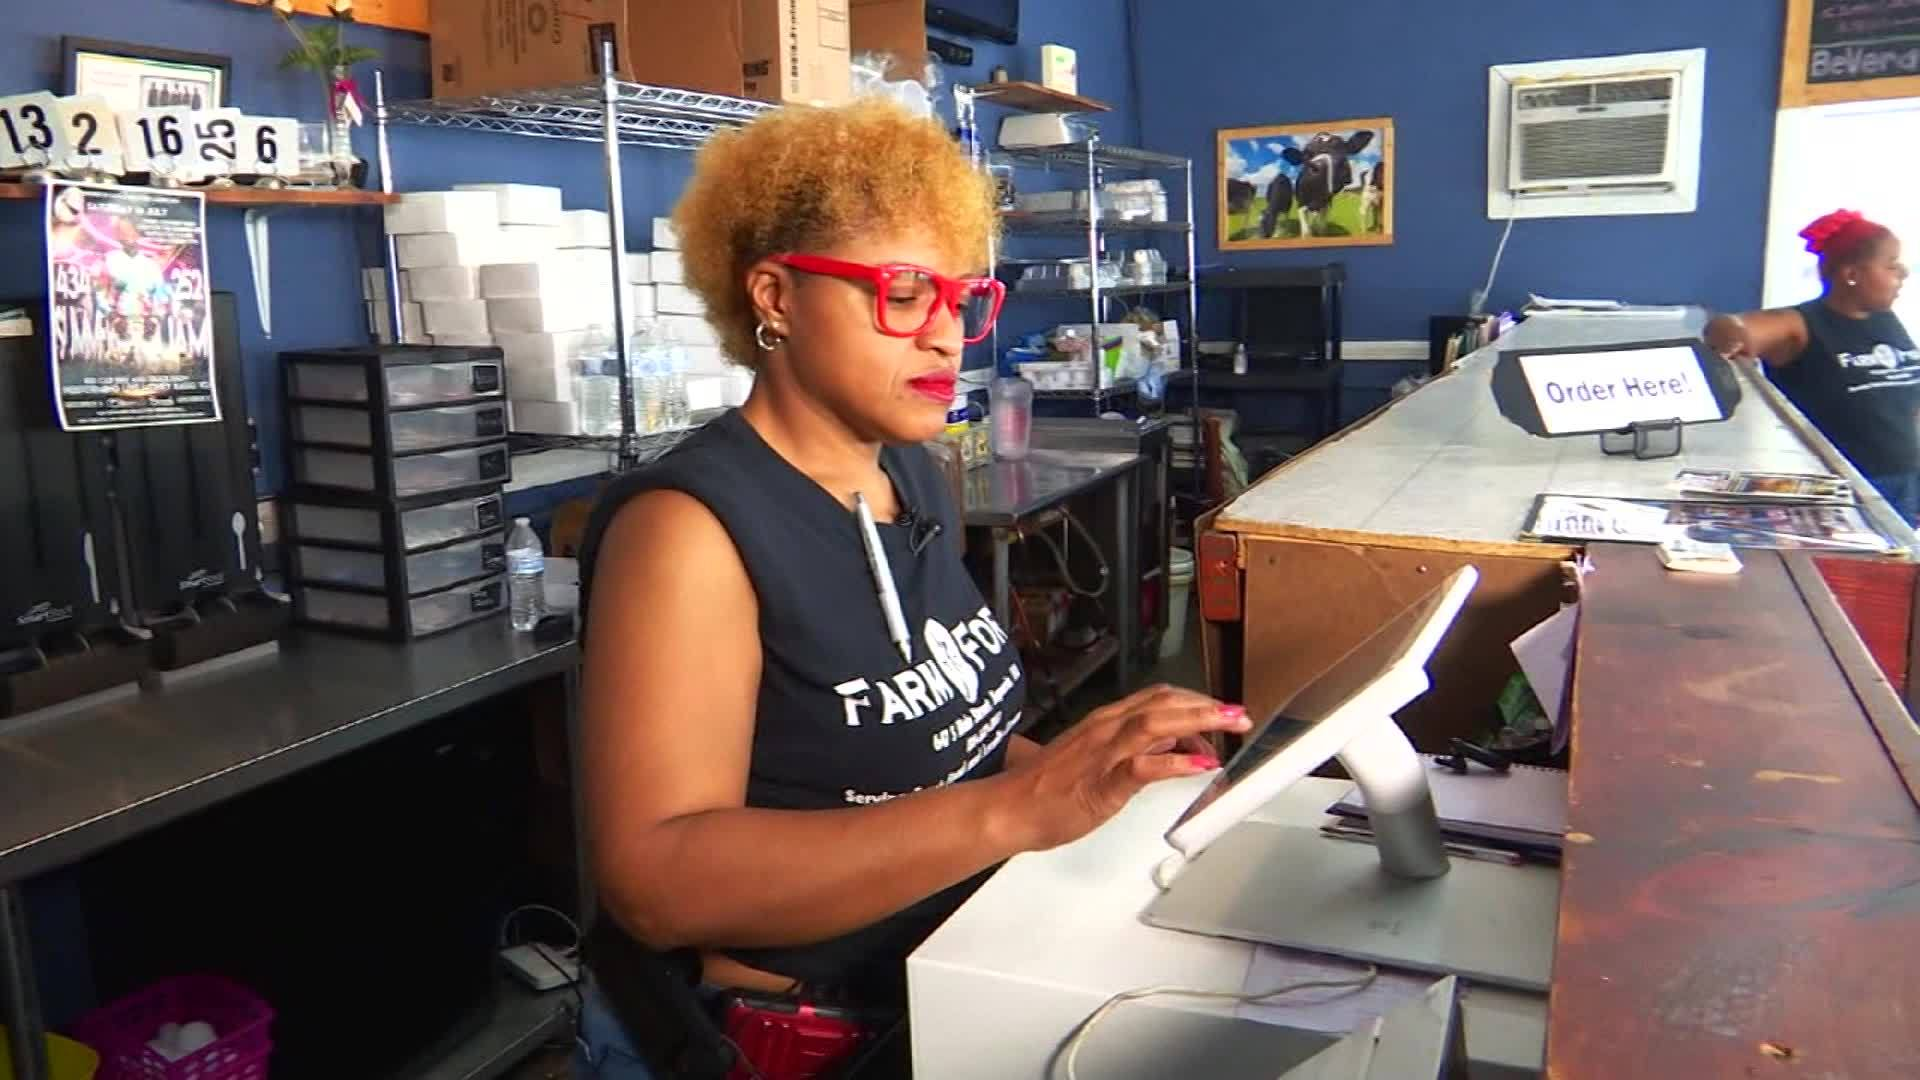 Caught on camera: Virginia server saves choking customer